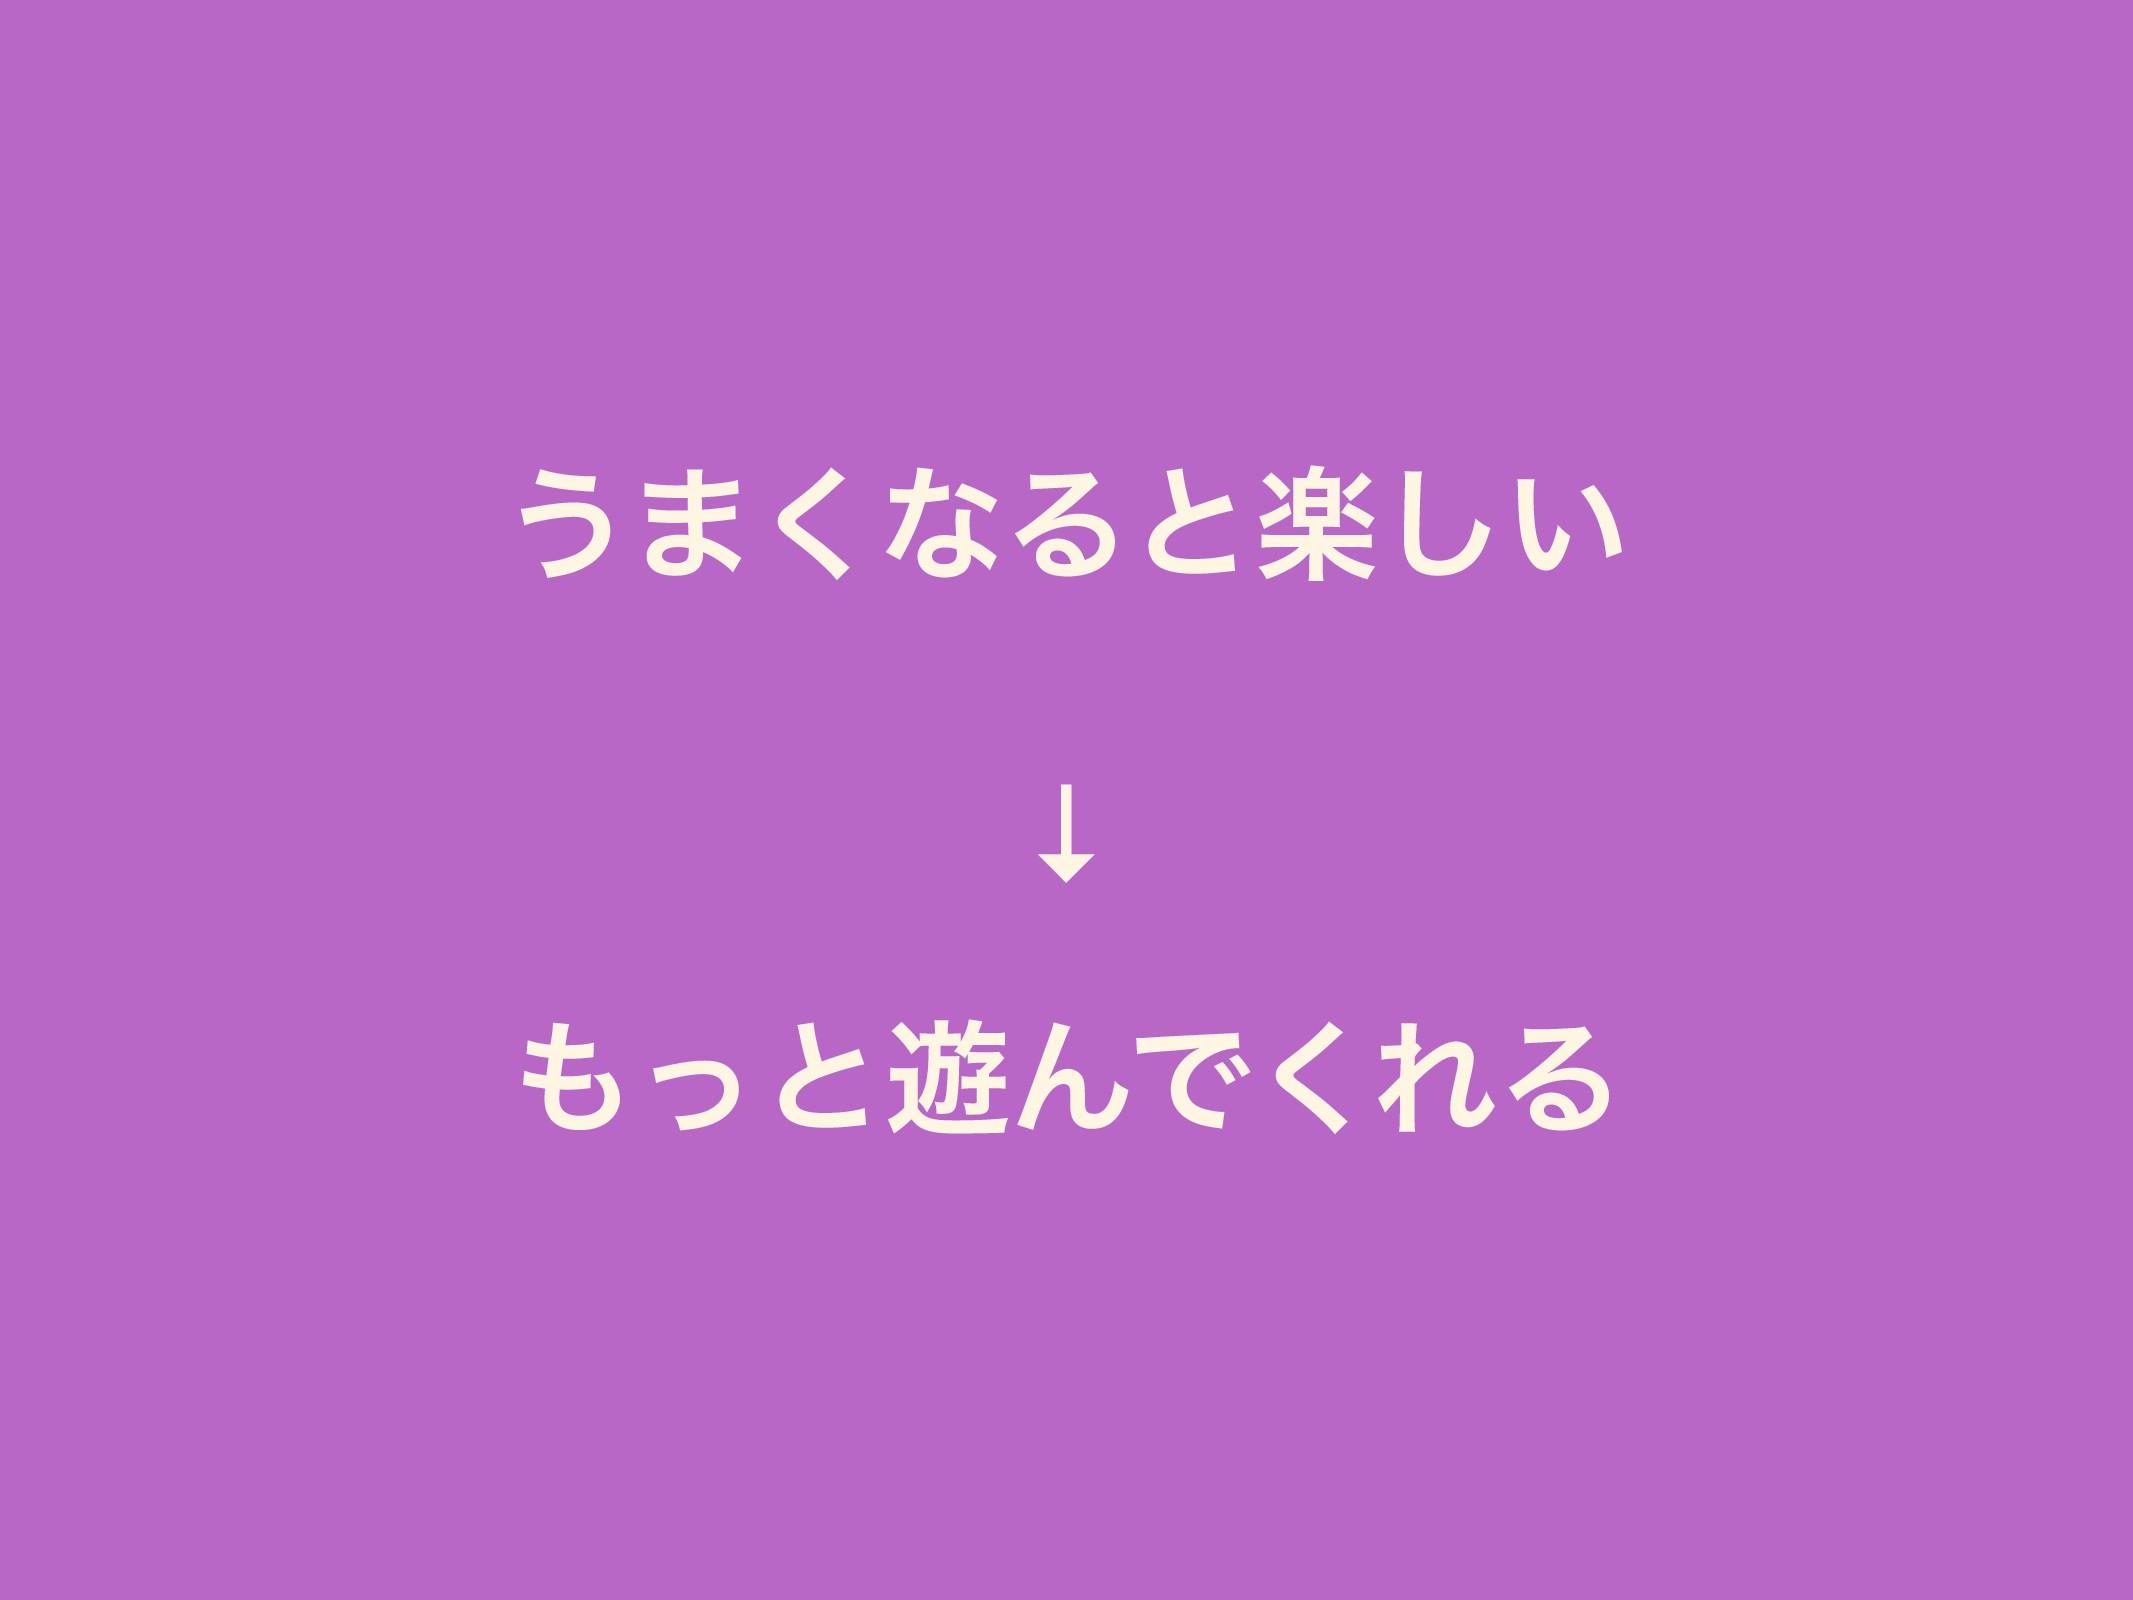 ͏·͘ͳΔͱָ͍͠ ↓ ͬͱ༡ΜͰ͘ΕΔ